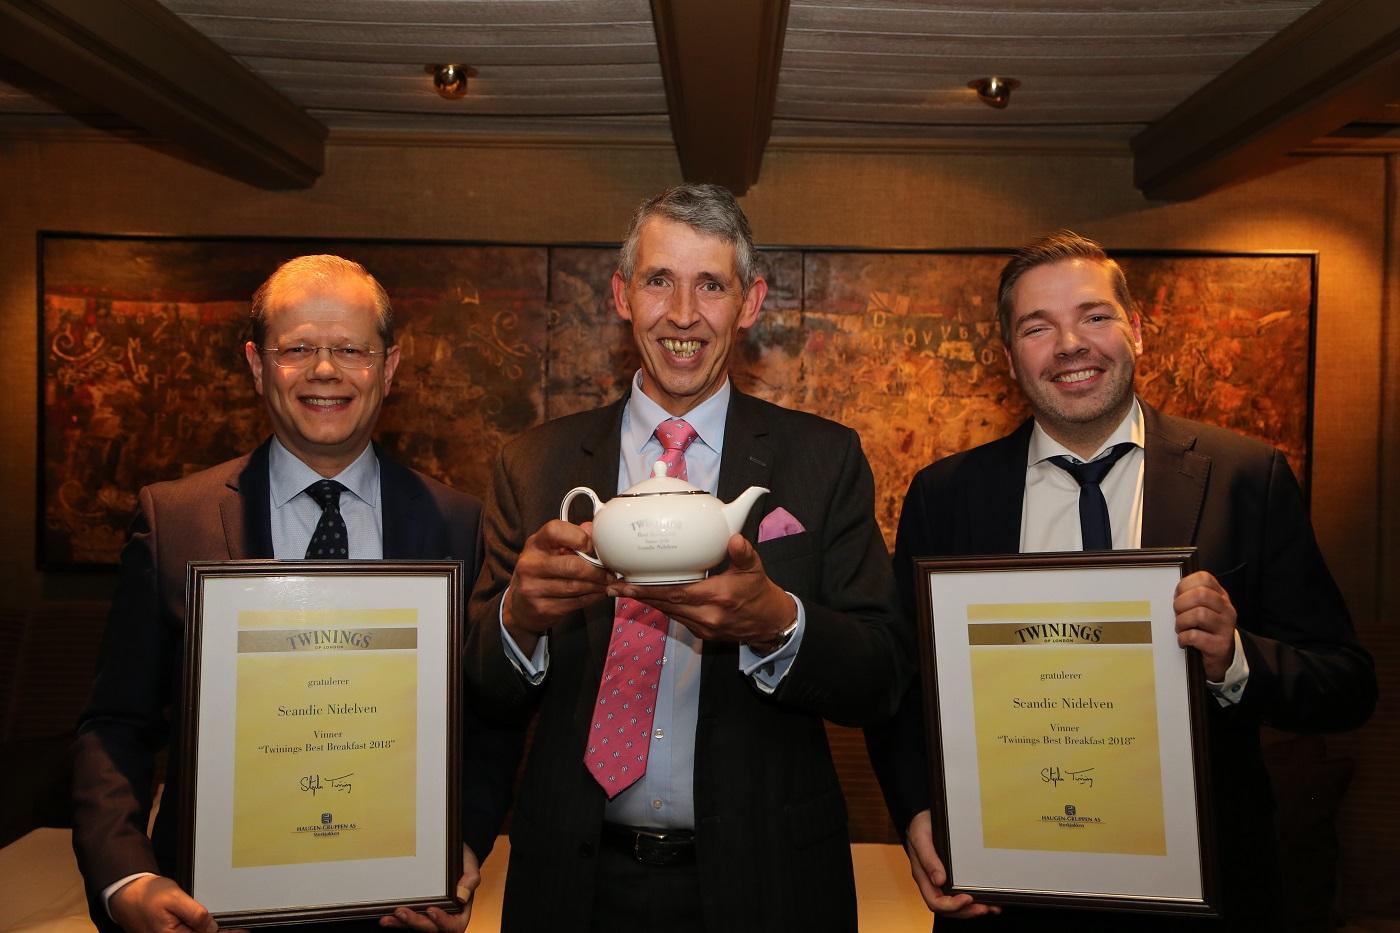 F.v: Hotelldirektør på Scandic Nidelven, Kjetil Vassdal, Stephen Twining og Food & Beverage Manager på Scandic Nidelven, Lasse Waagbø